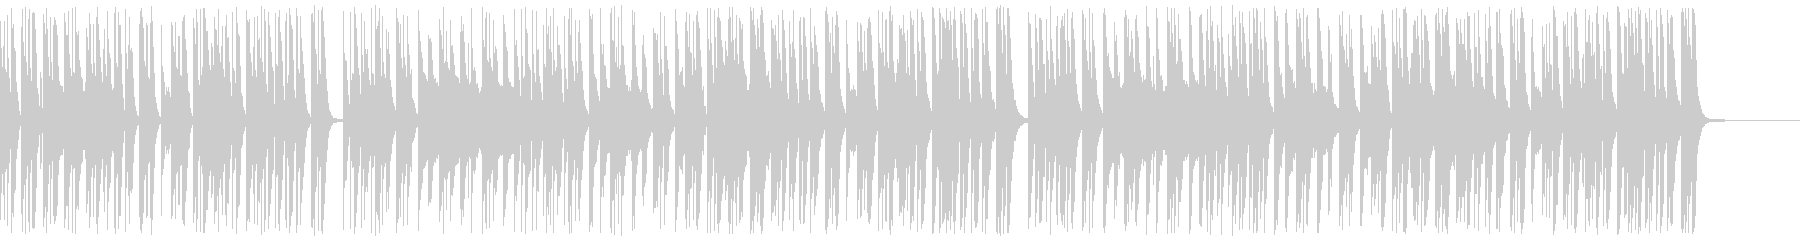 【ドラム・ベース抜き】ほのぼのゆったり…の未再生の波形